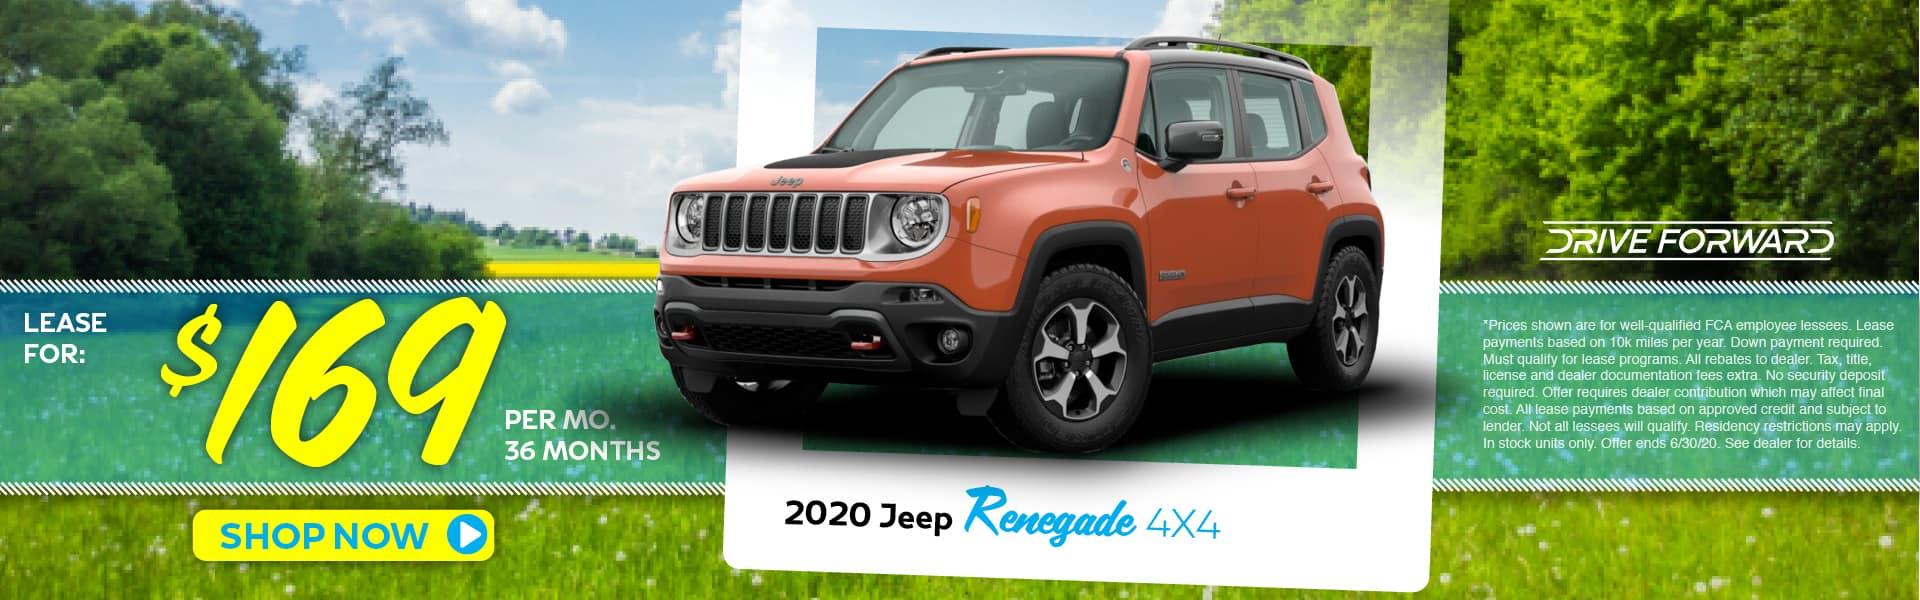 2020 Jeep Renegade Crew Cab Lease Specials in Pinckney, MI